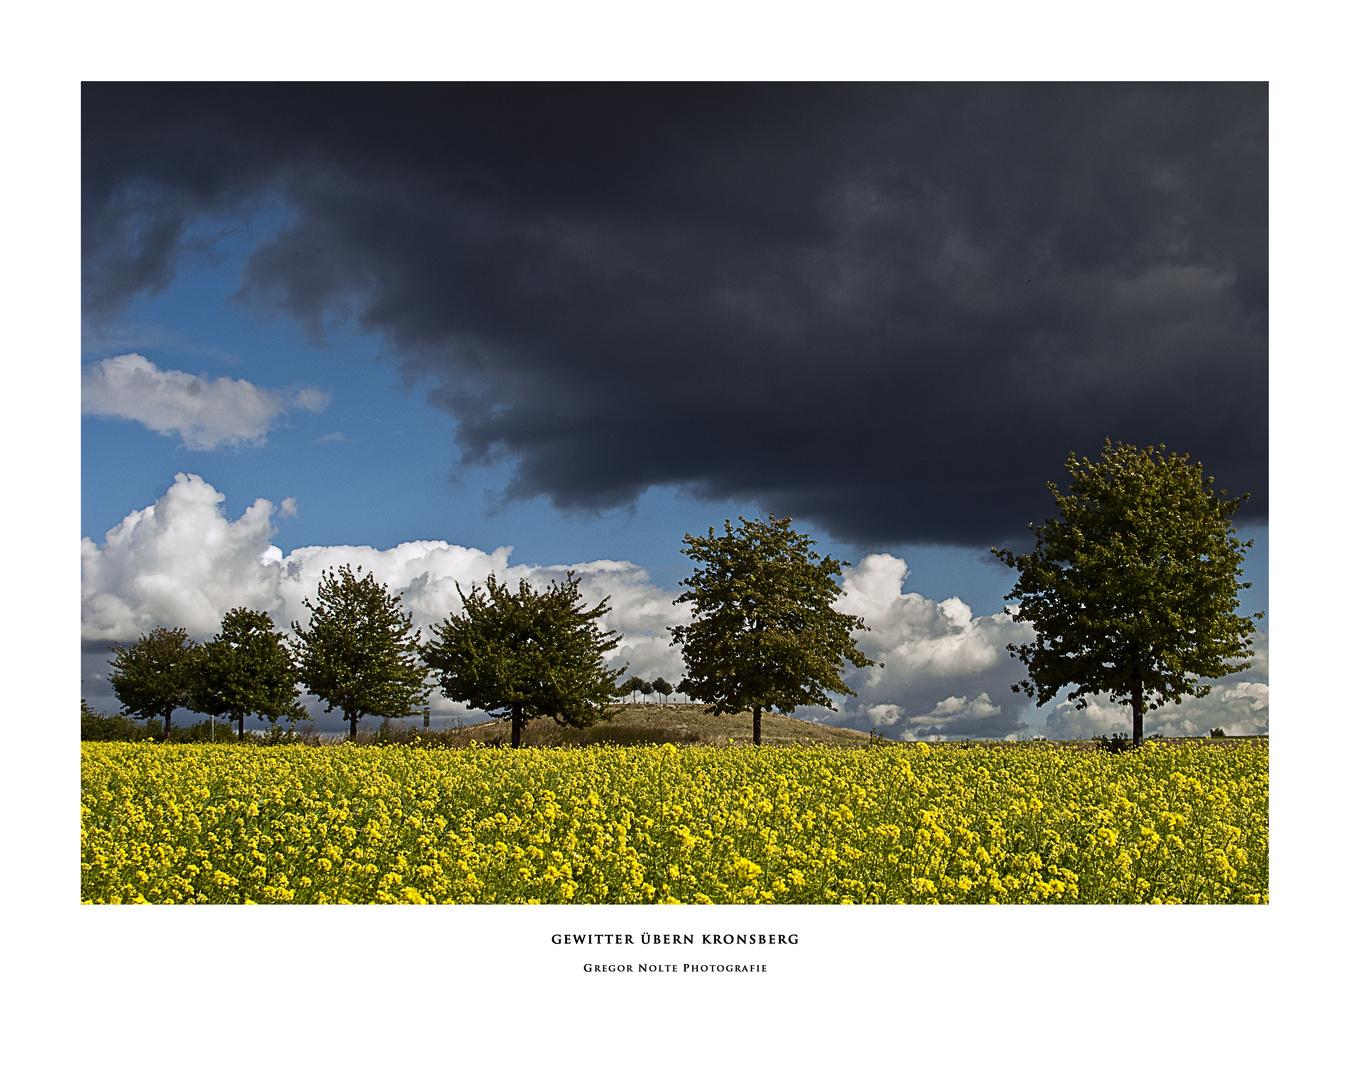 Gewitter übern Kronsberg